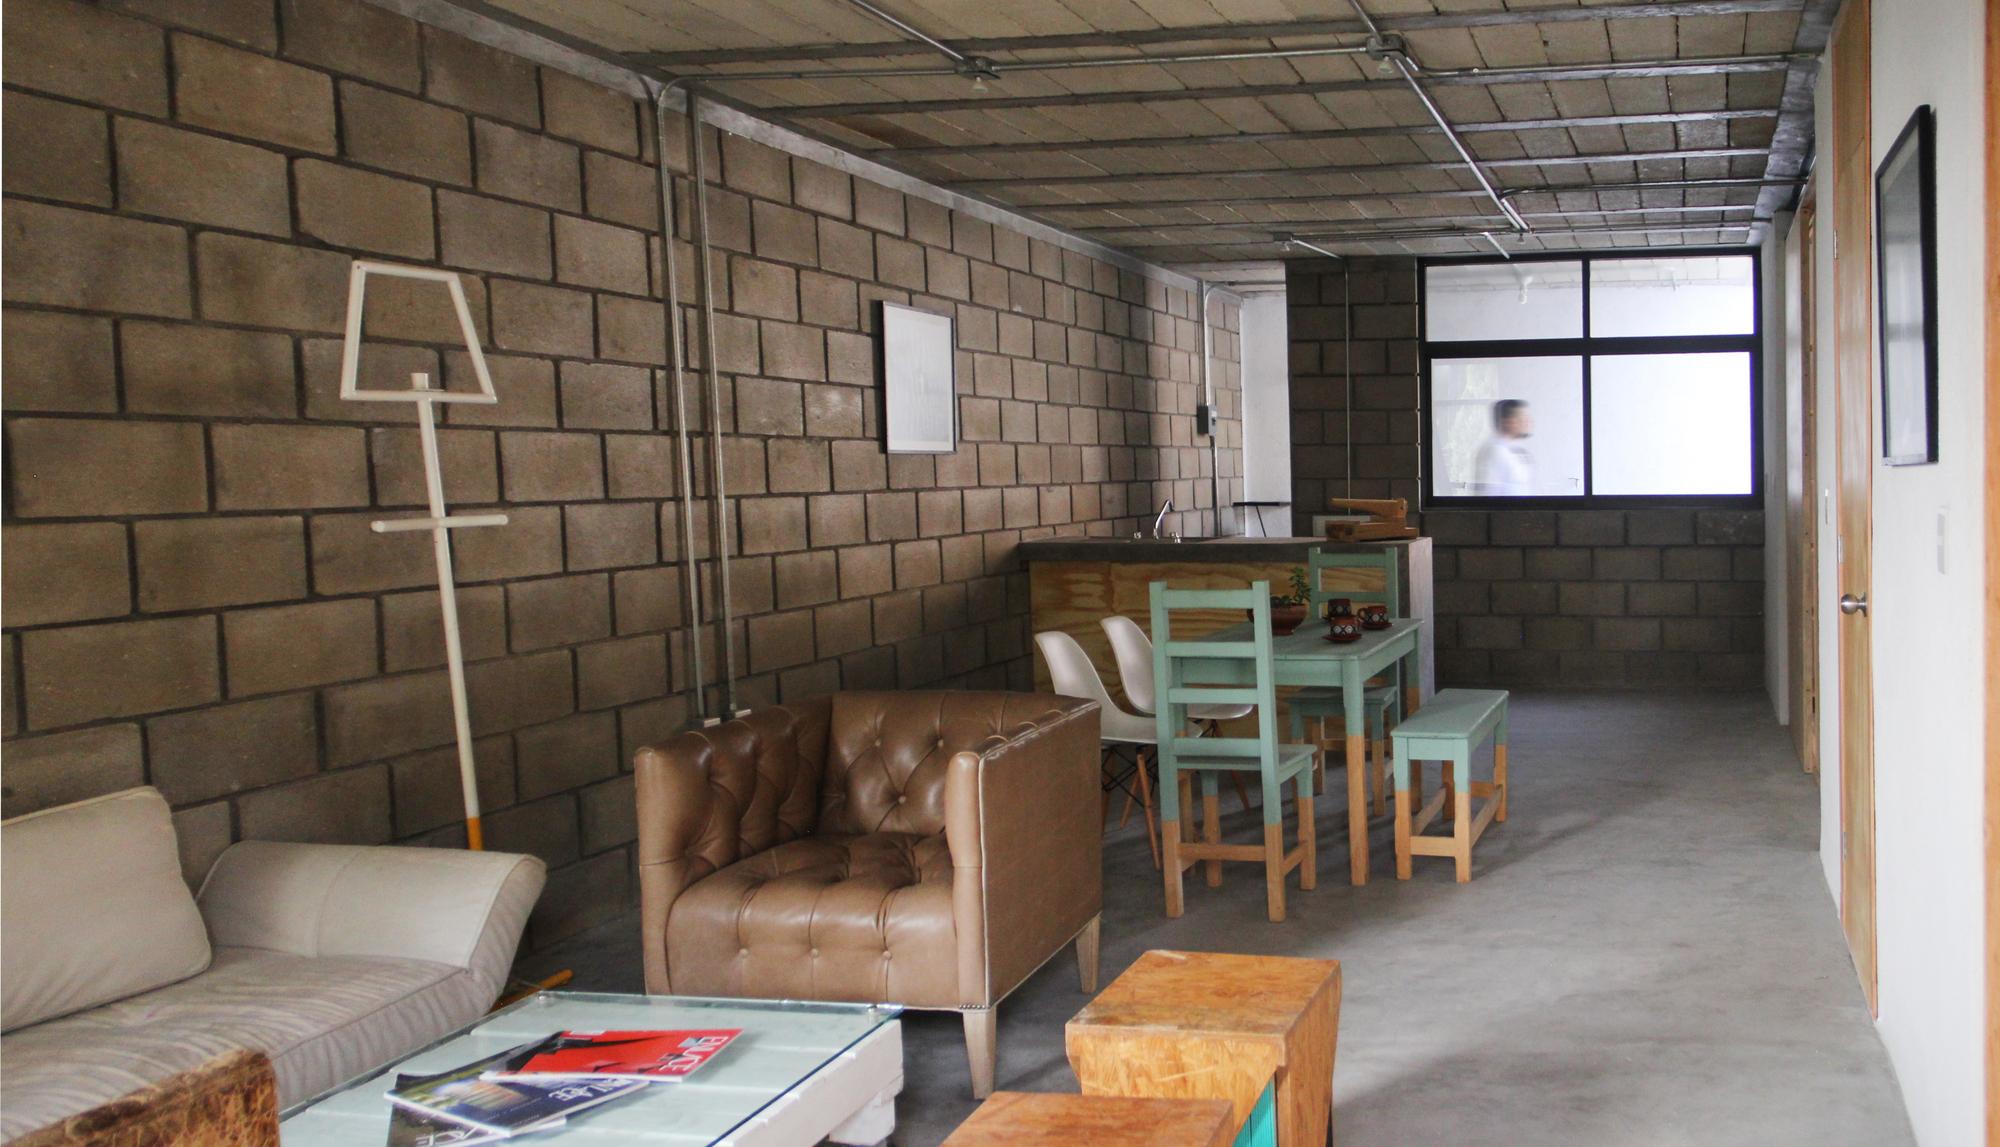 Galer a de departamentos el pino apaloosa estudio de for Estudio de arquitectura y diseno